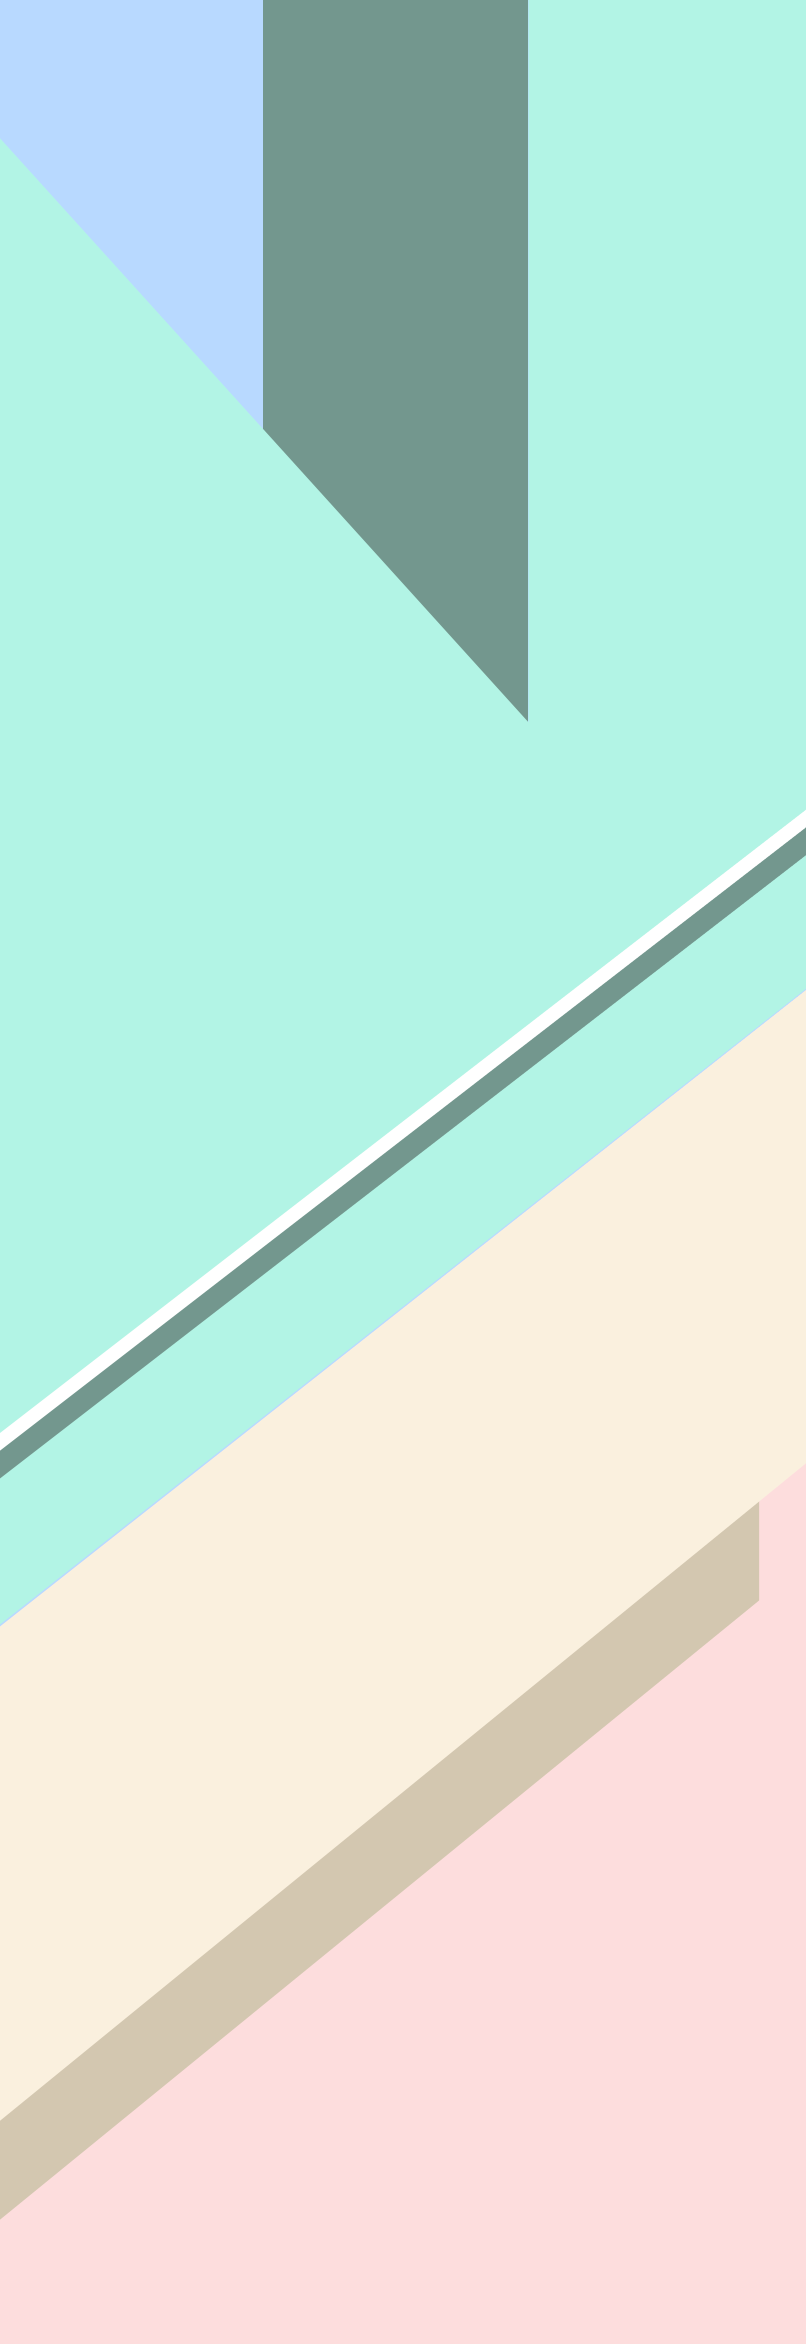 Artboard Copy 3.png